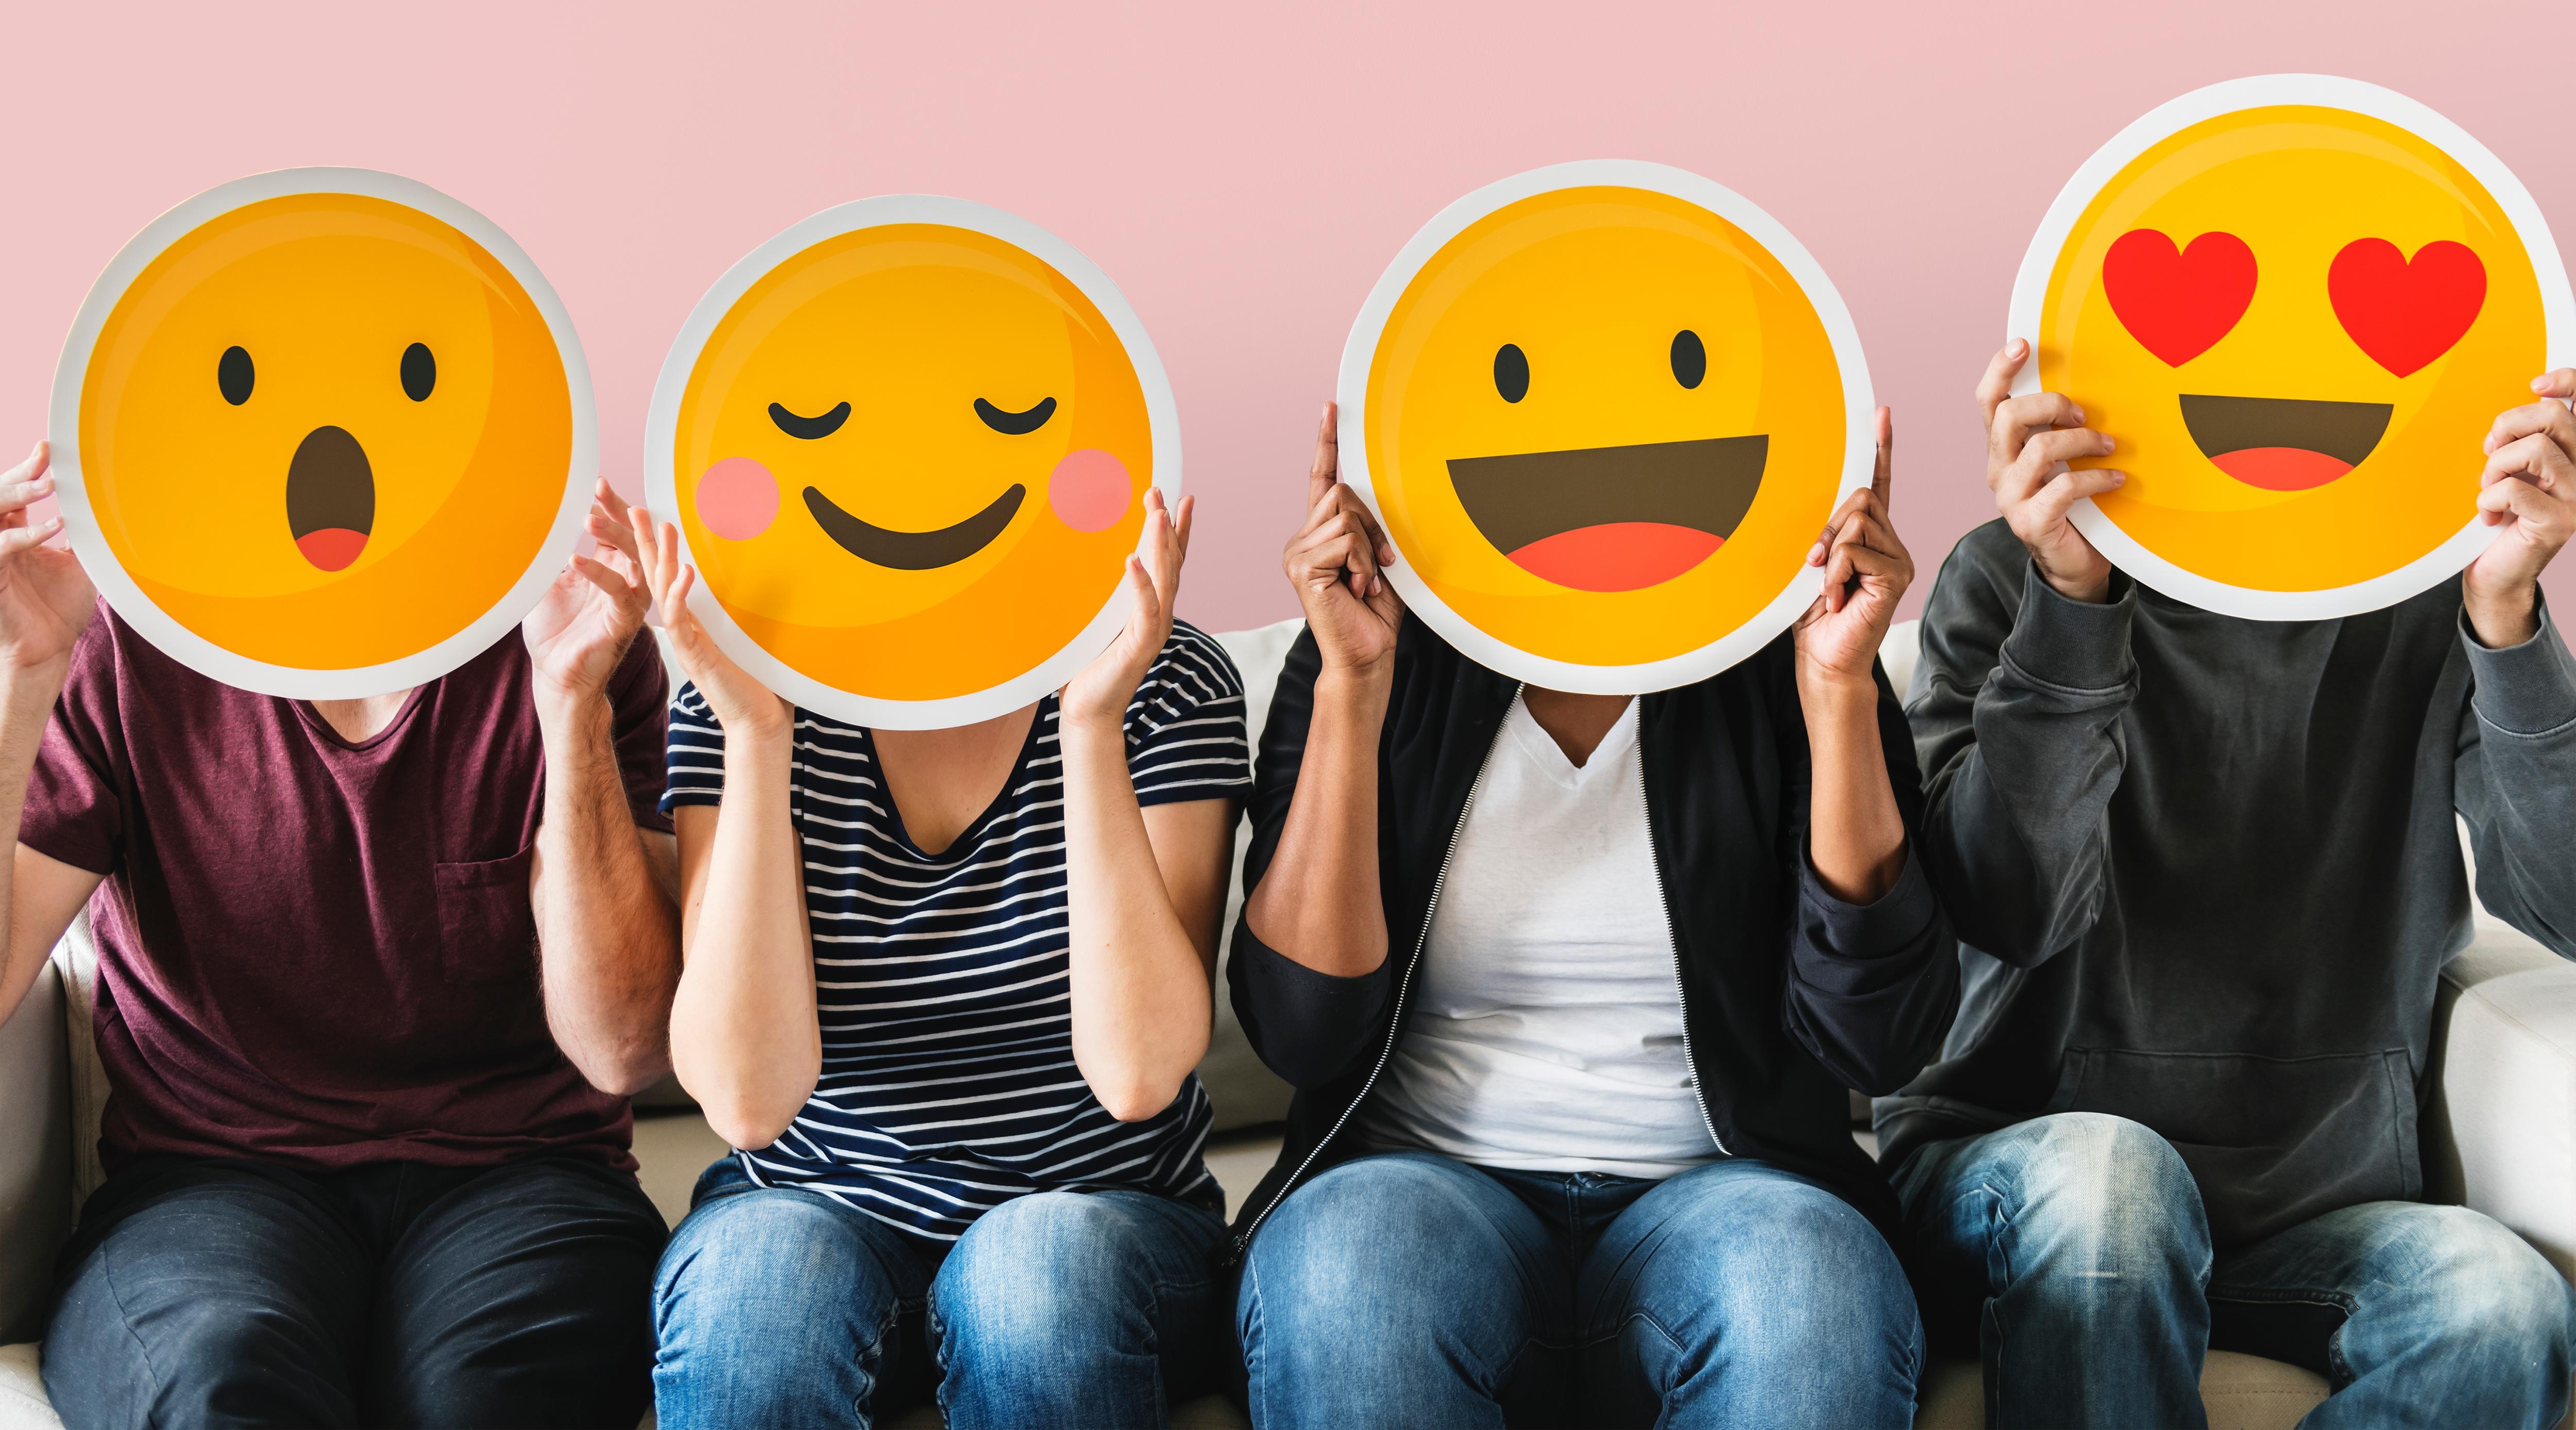 NOUVEAU: Emojis dans Bitrix24